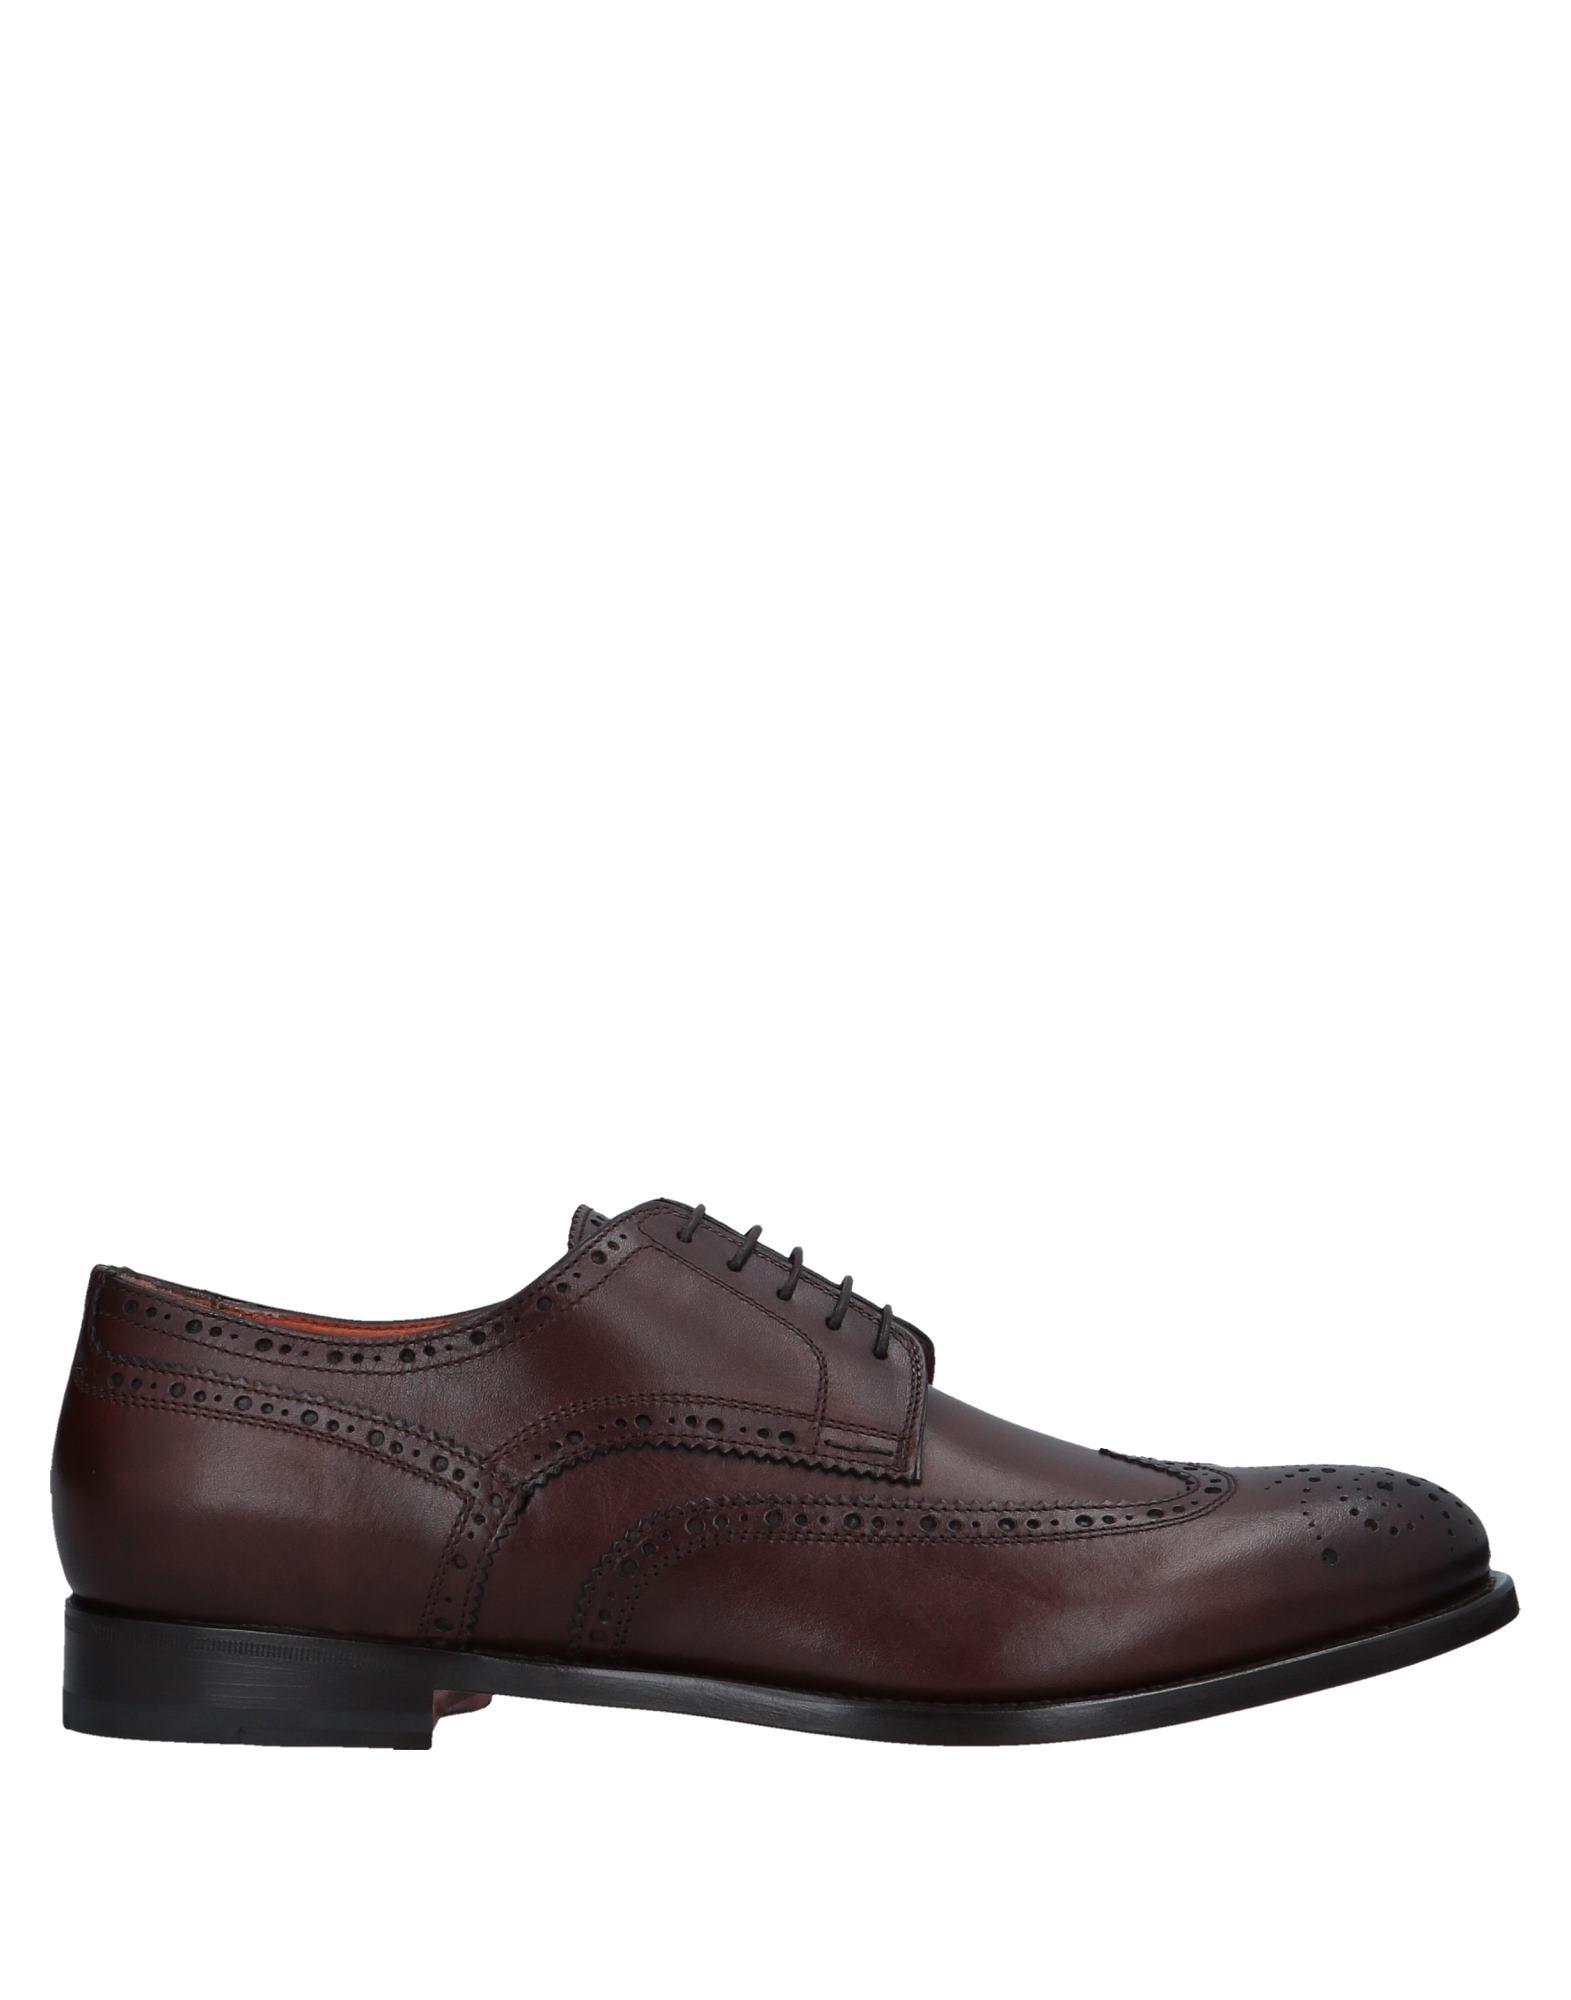 Gran descuento  Zapato De Cordones Santoni Santoni Cordones Hombre - Zapatos De Cordones Santoni abbffd